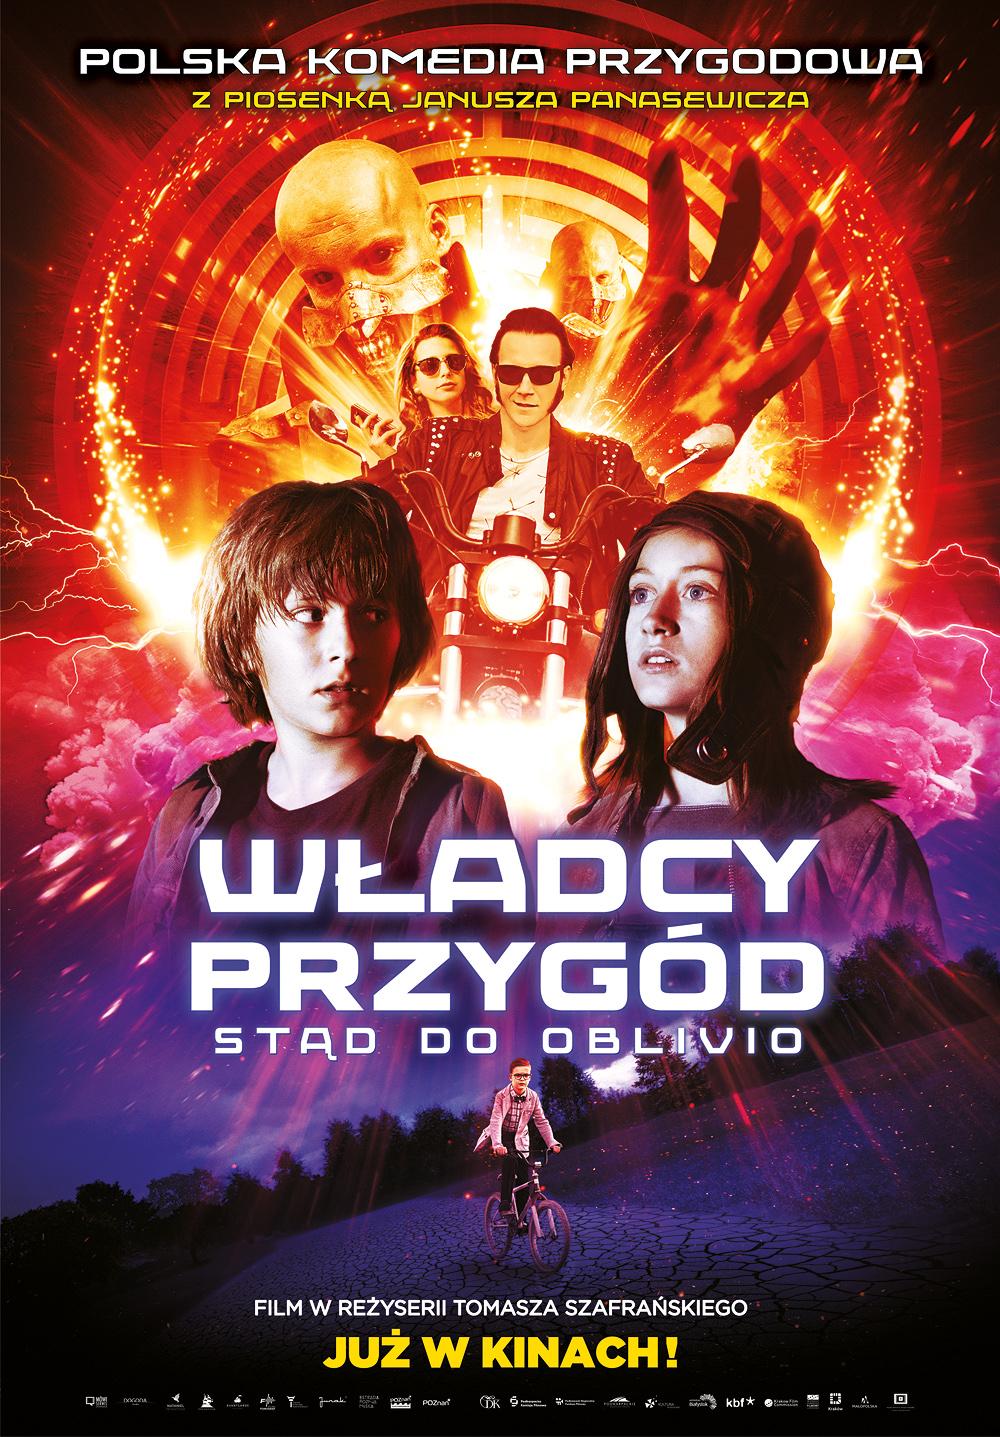 WLADCY_PRZYGOD_STAD_DO_OBLIVIO_plakat